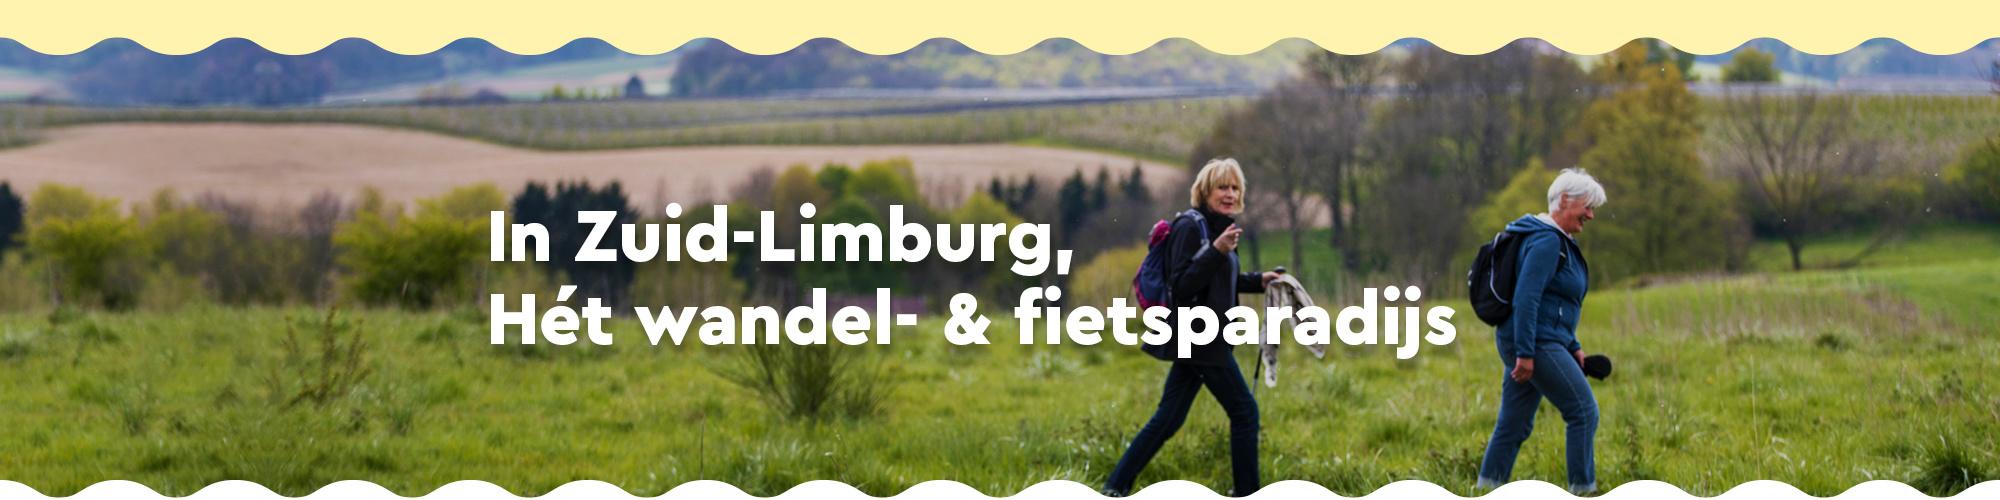 Visit Zuid Limburg banner 3